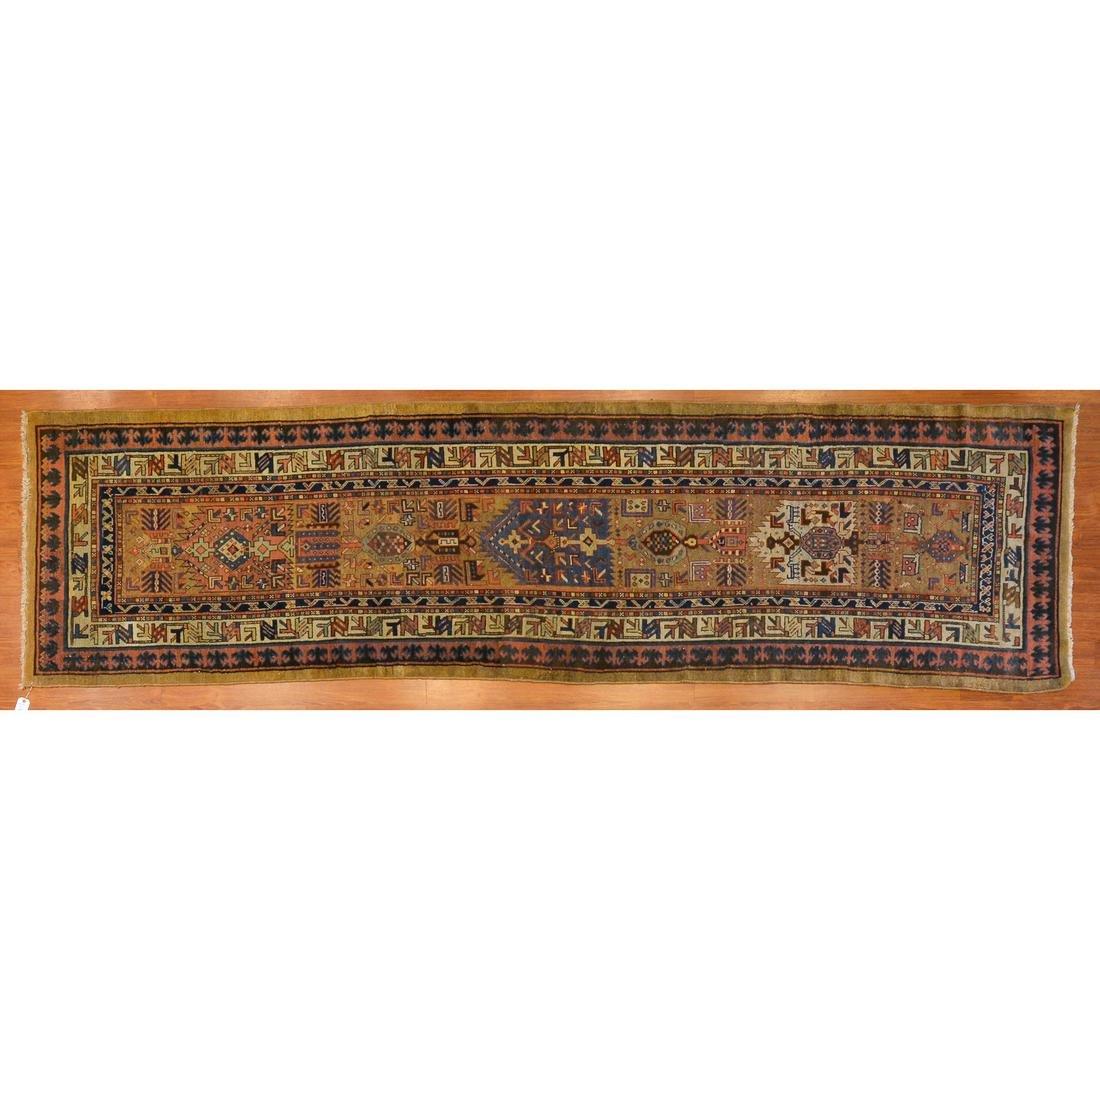 Antique Serab Runner, Persia, 3.2 x 11.9